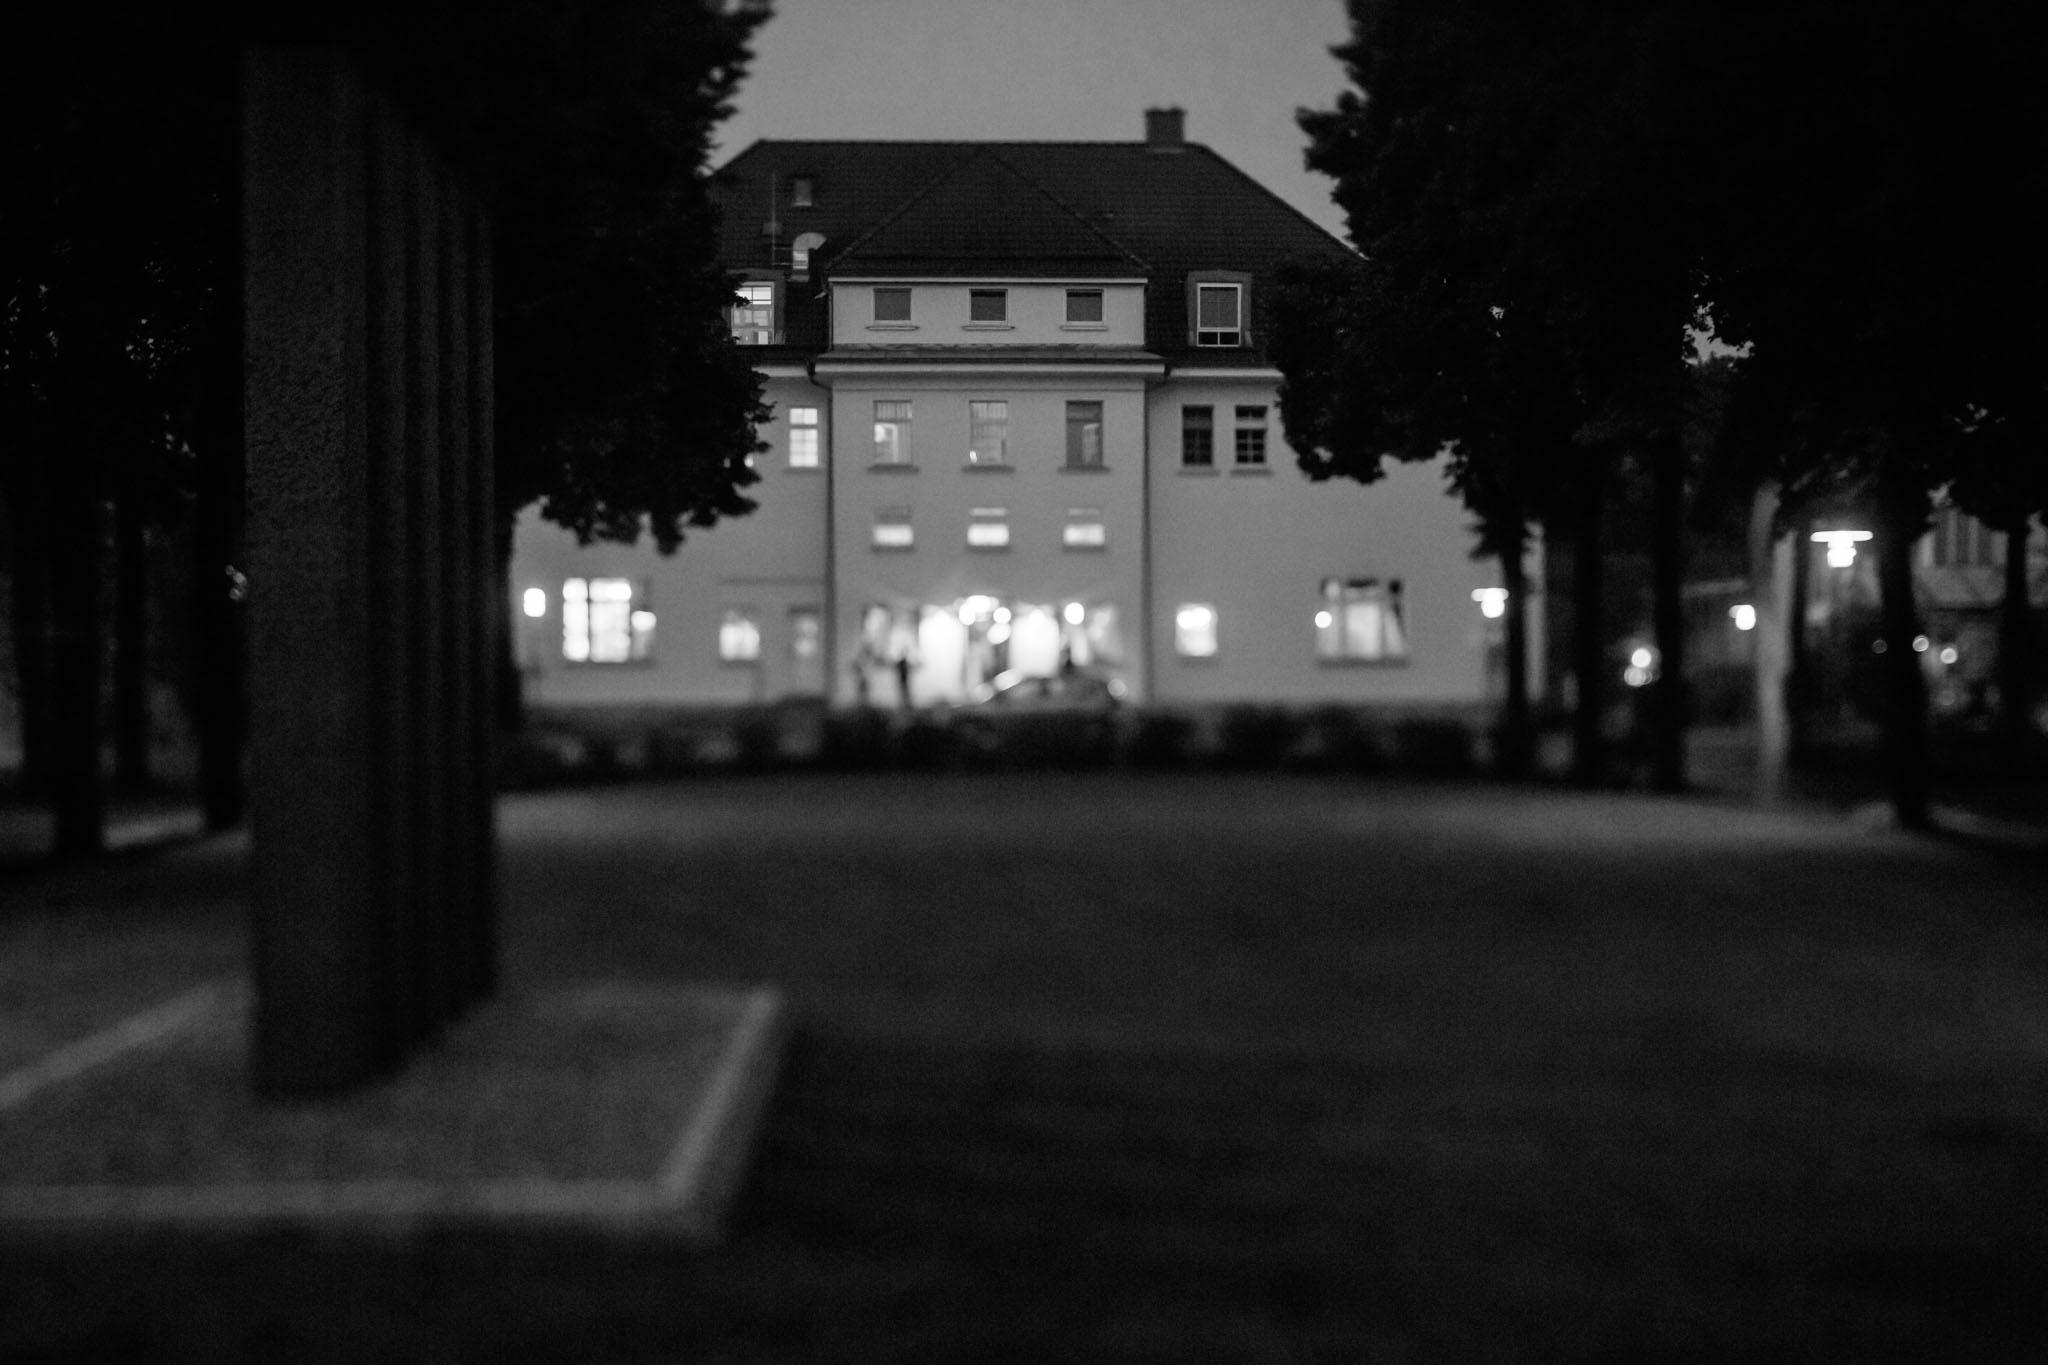 akademie-schmöckwitz-nachtaufnahme-schwarzweiss